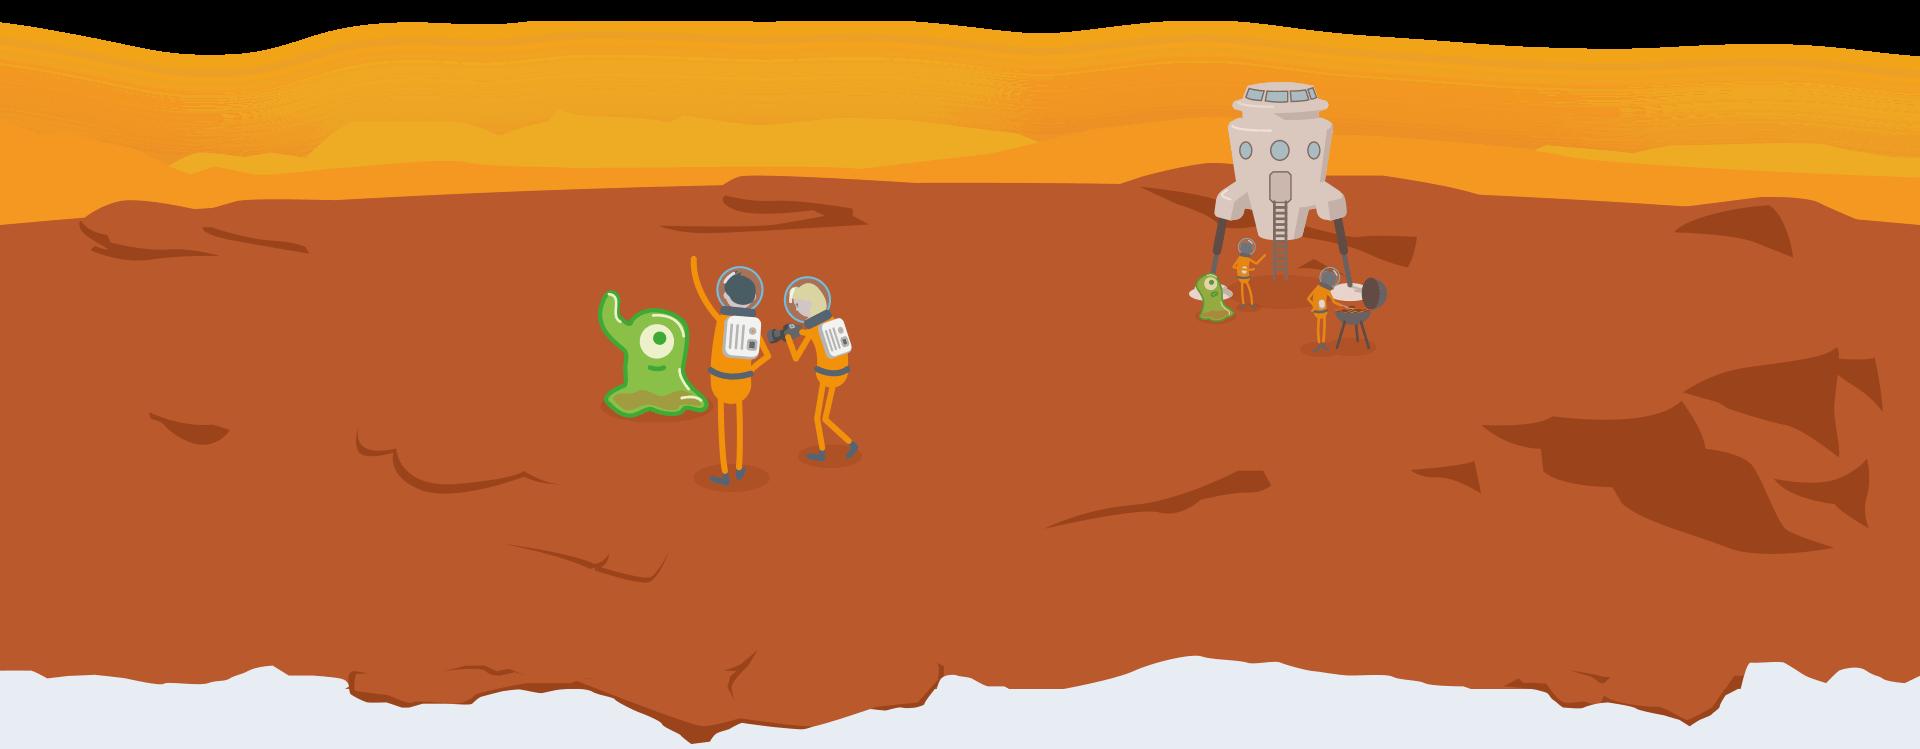 Illustrierte Szene mit Aliens und Astronauten auf dem Mars